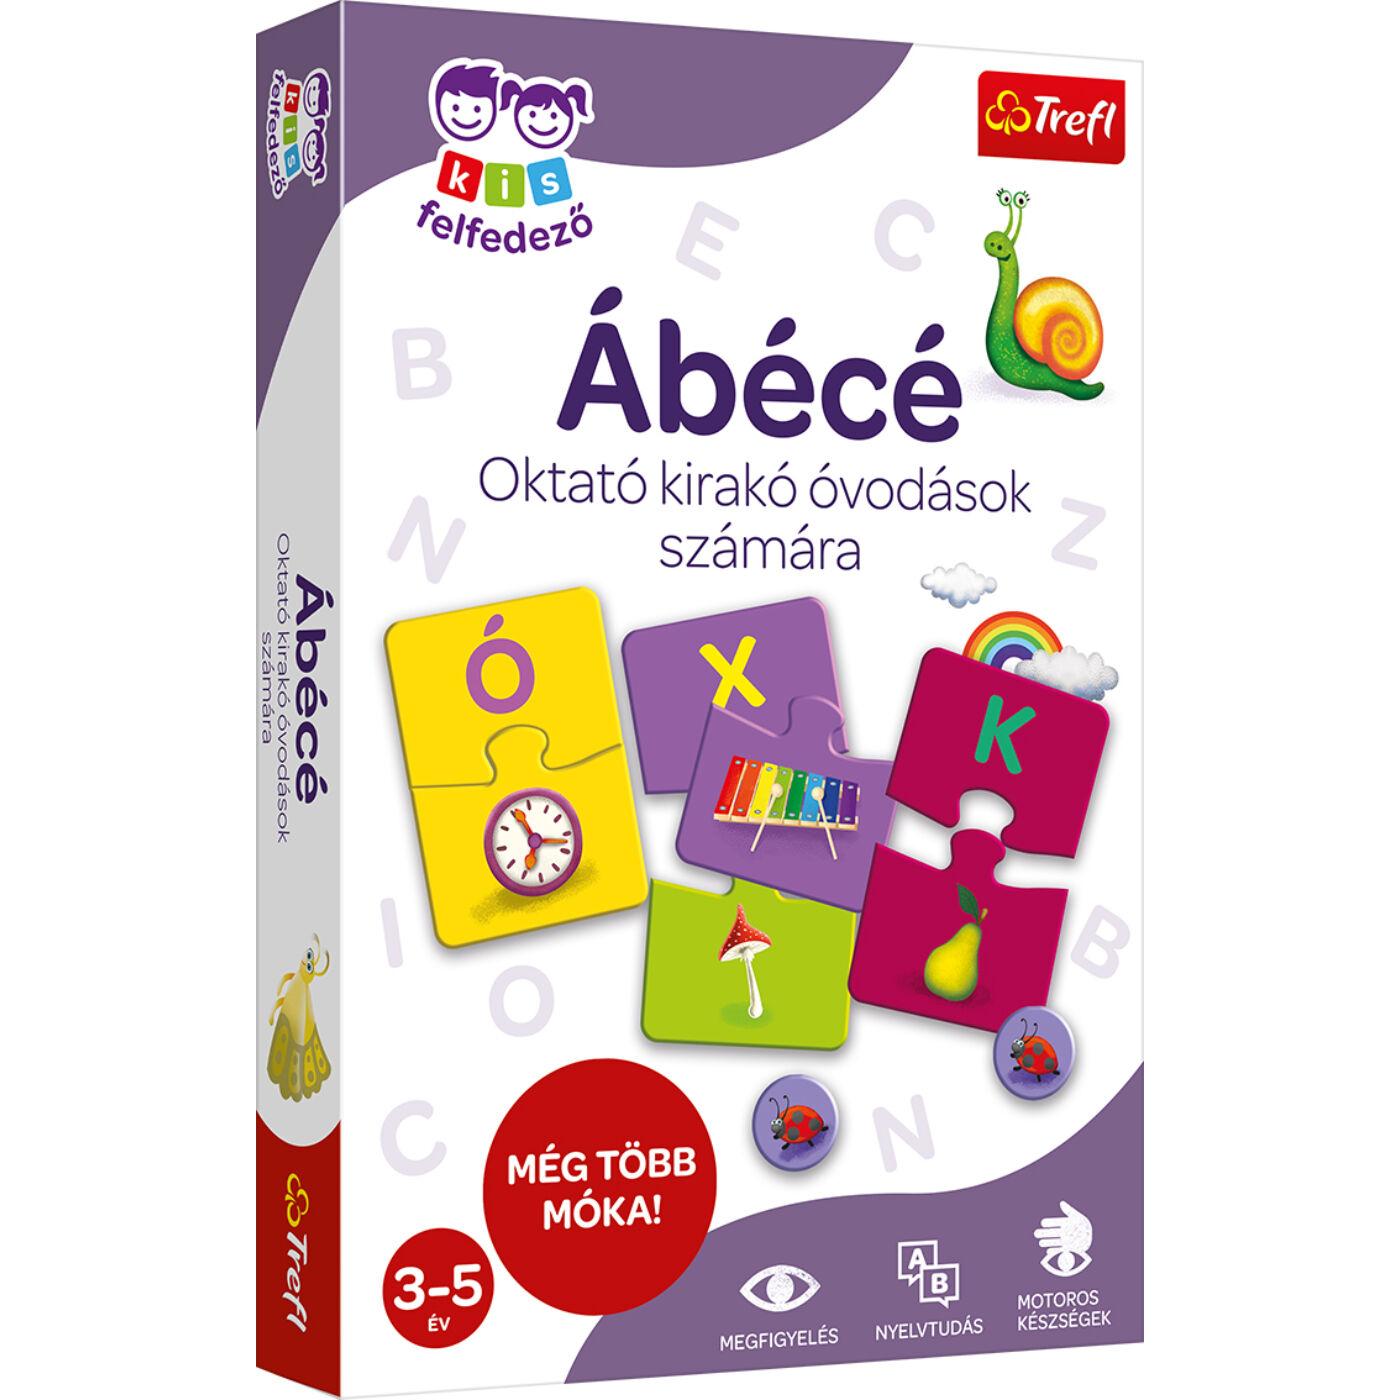 Kis felfedező oktató társasjáték - ABC